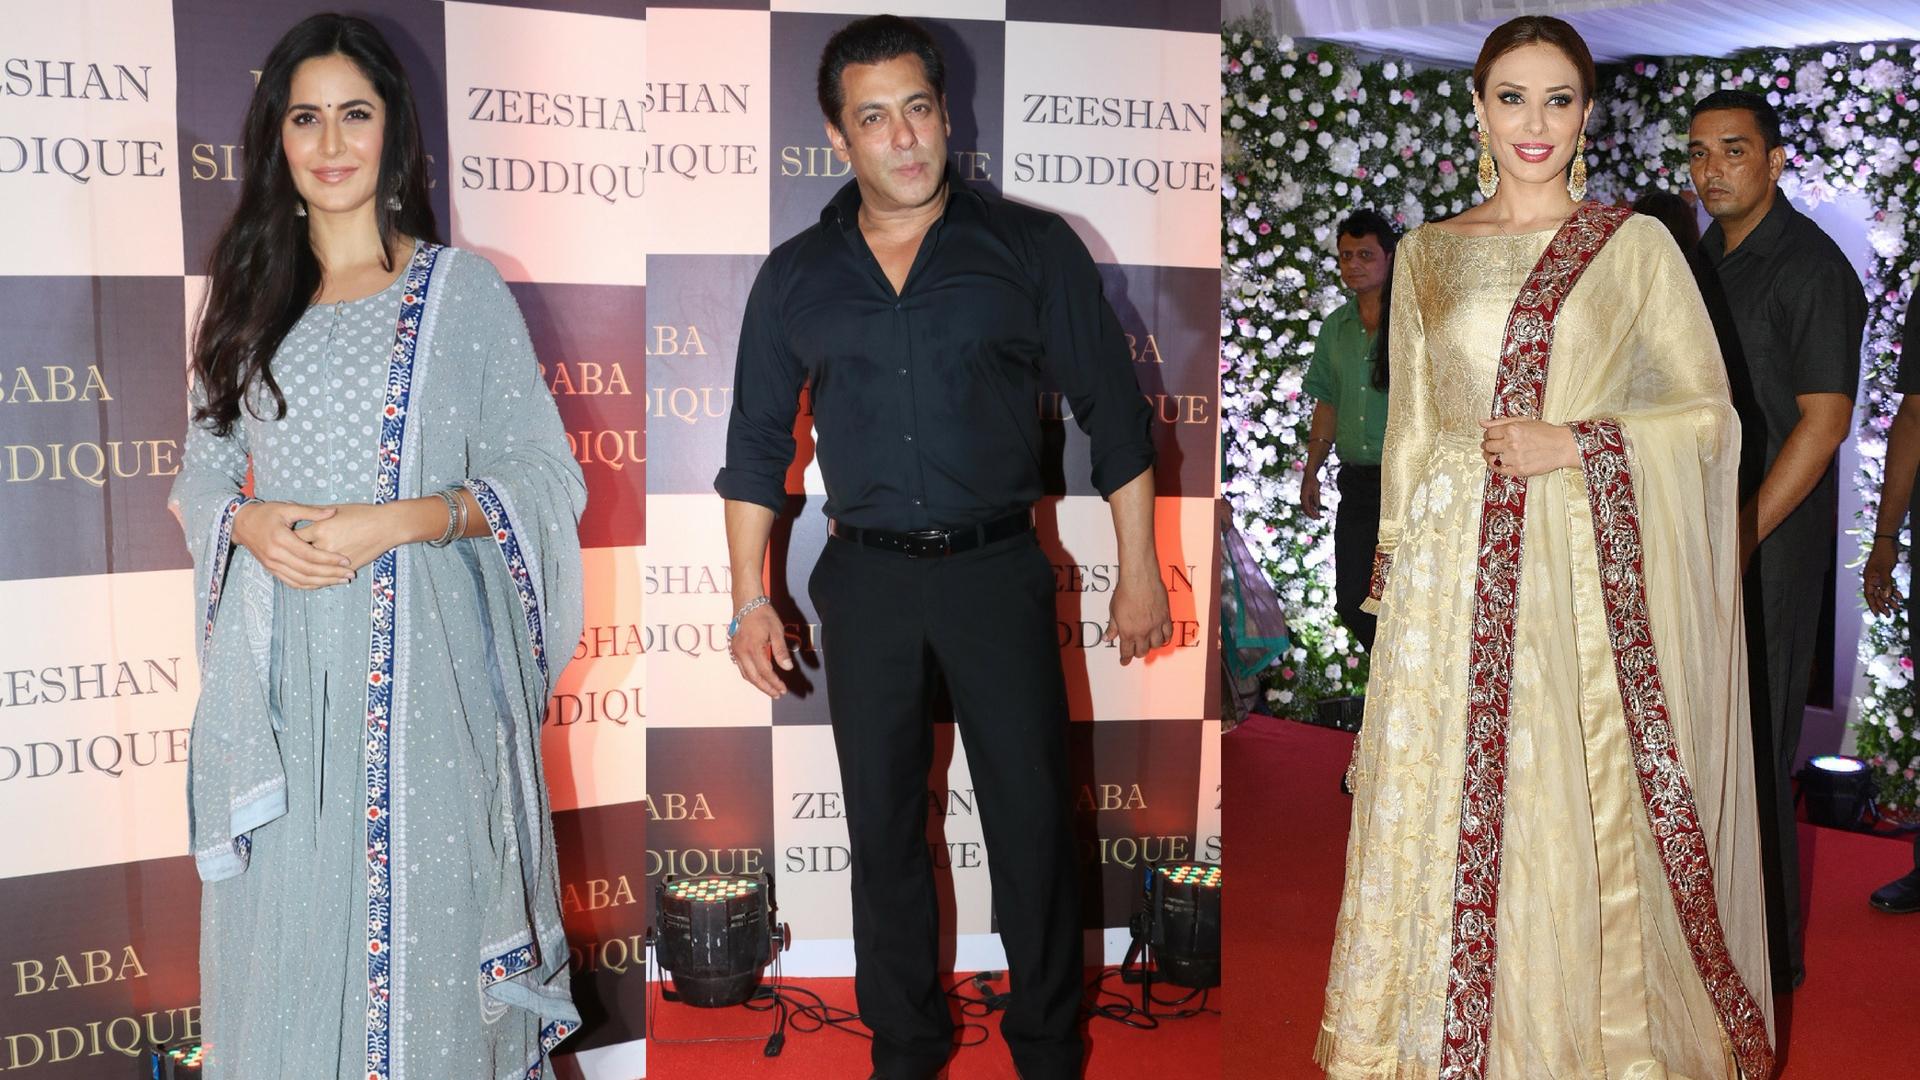 Salman Khan With Katrina And Iulia Vantur At Babas Iftar Party - The Quint-1217